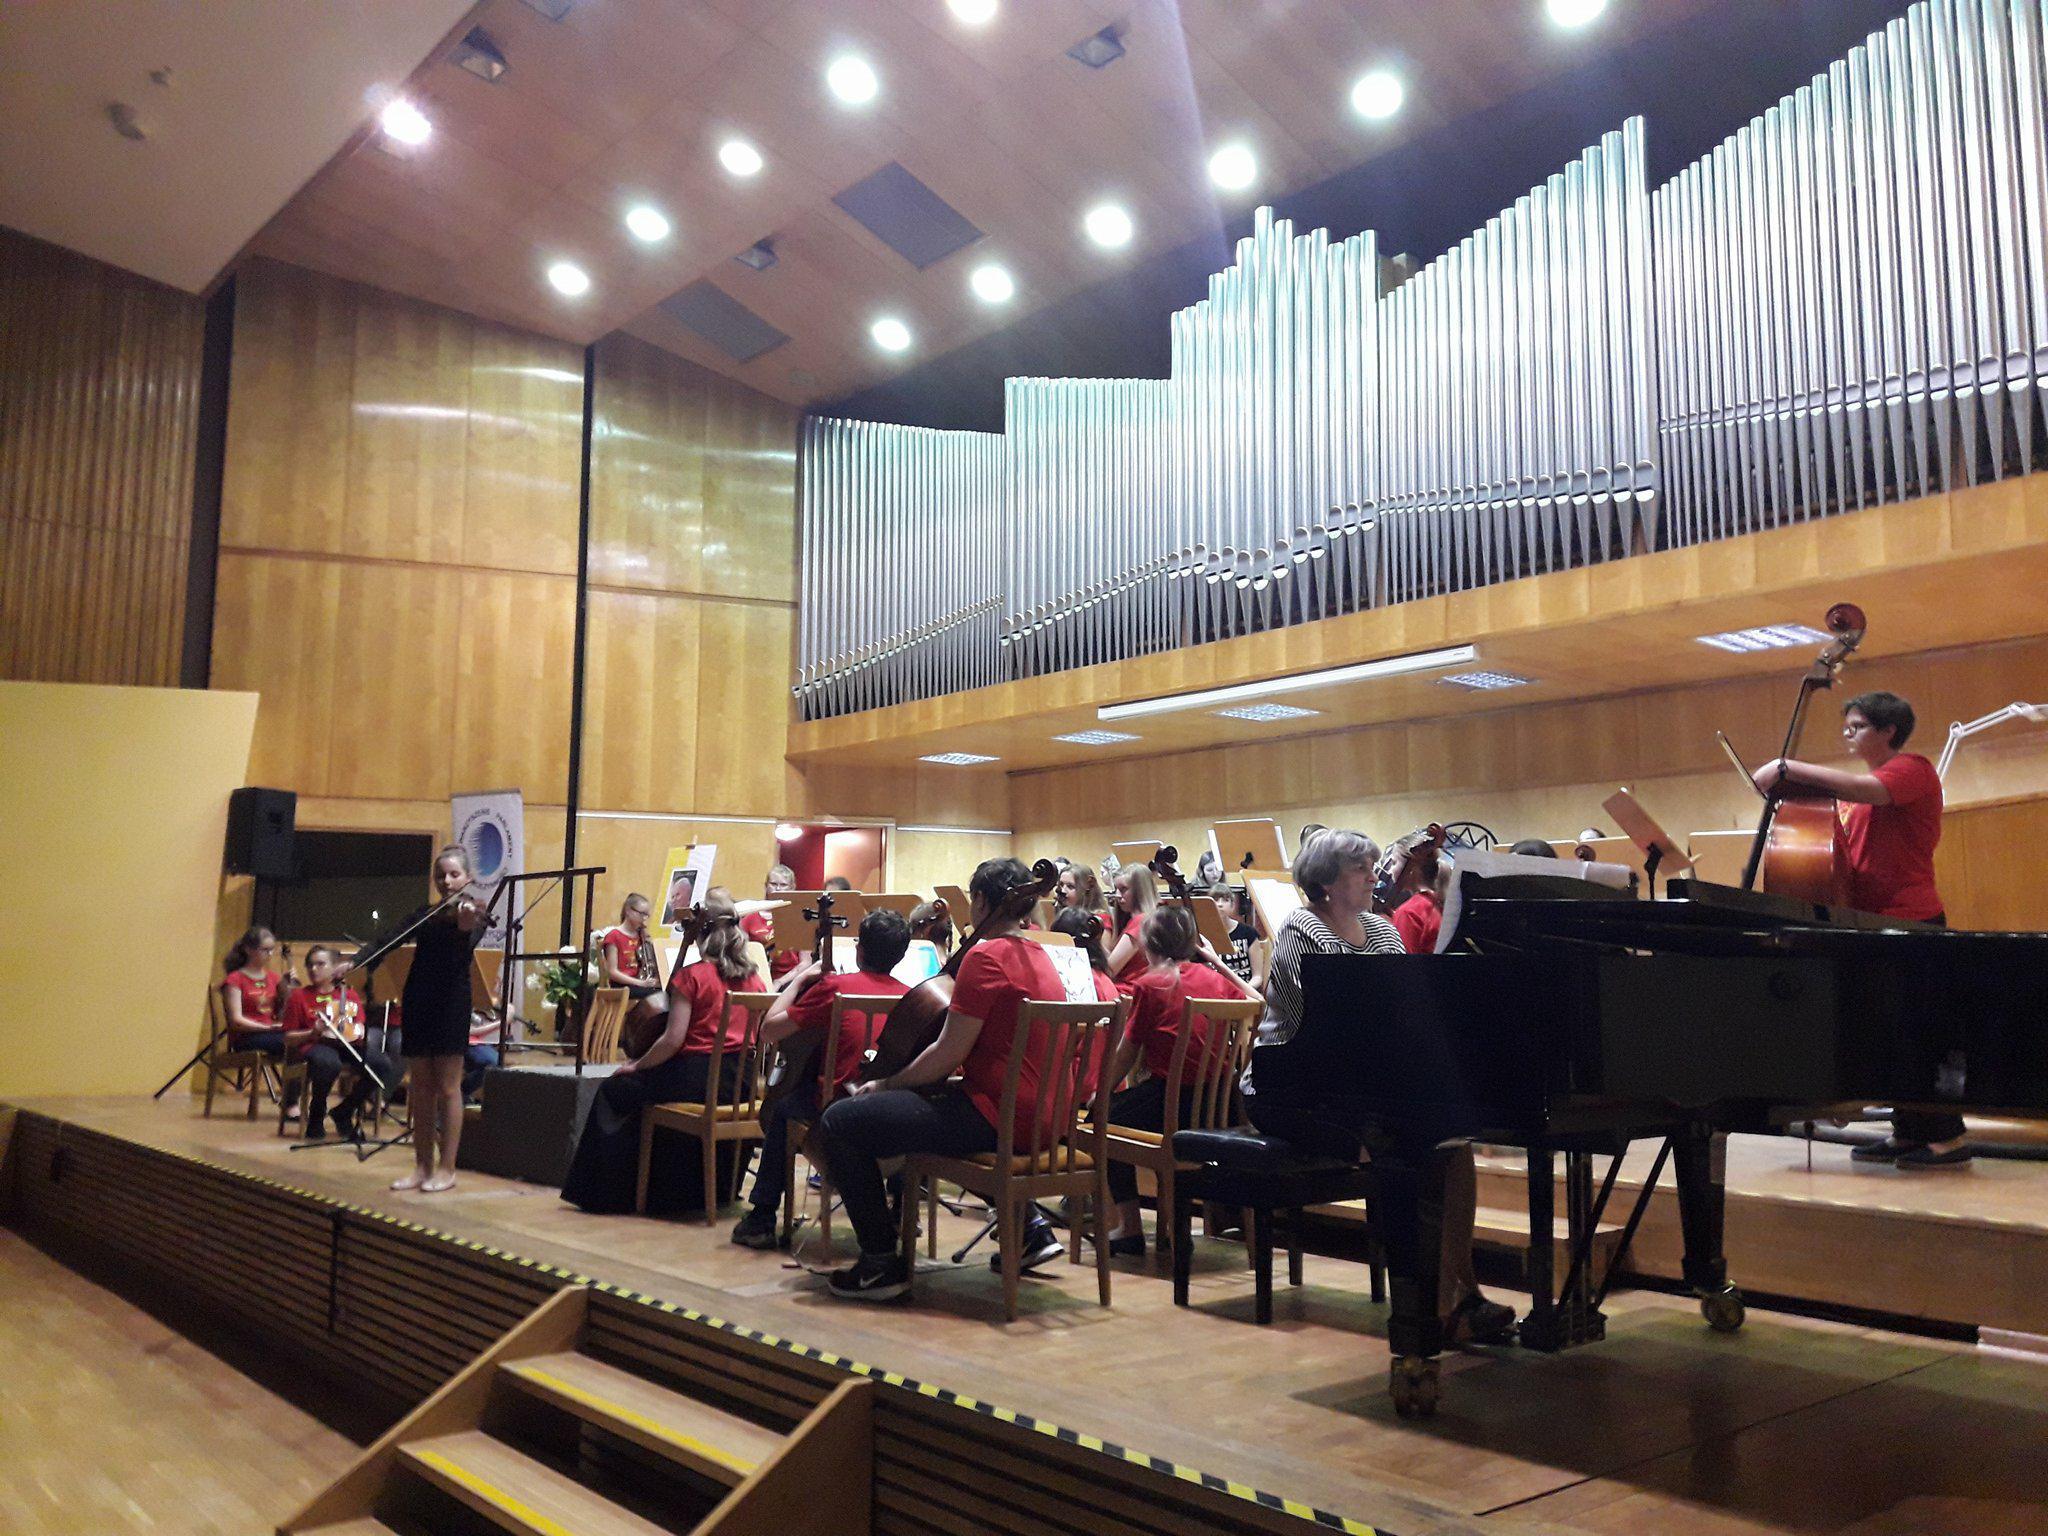 Zagrali koncert, by uczcić 98. rocznicę urodzin św. Jana Pawła II [fot. Wiktoria Palarczyk]